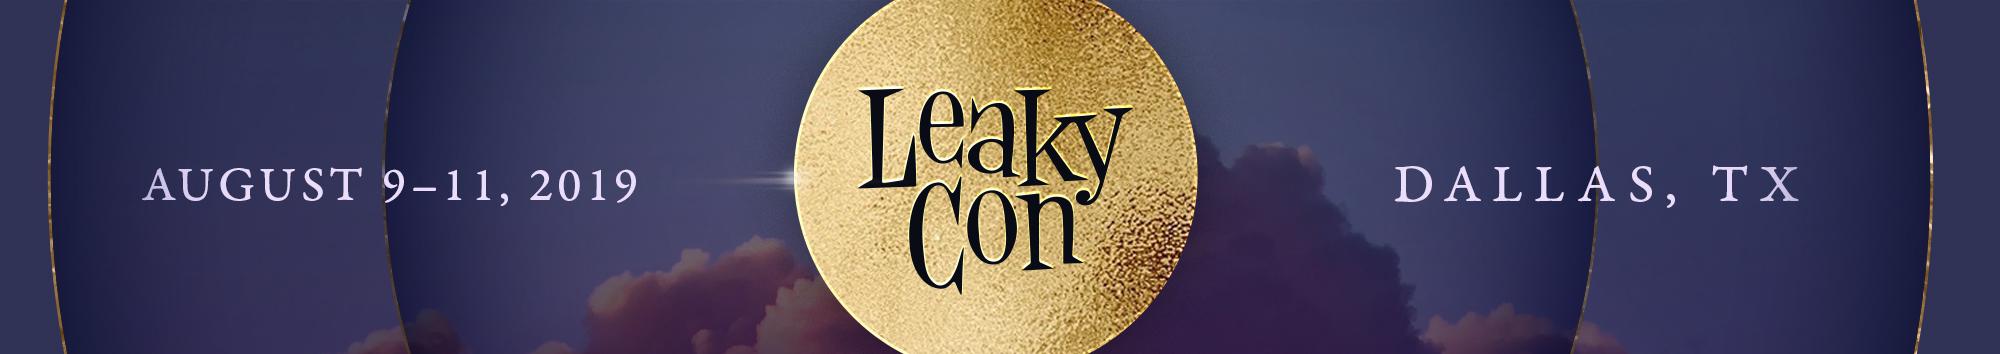 leakycon2019.jpg